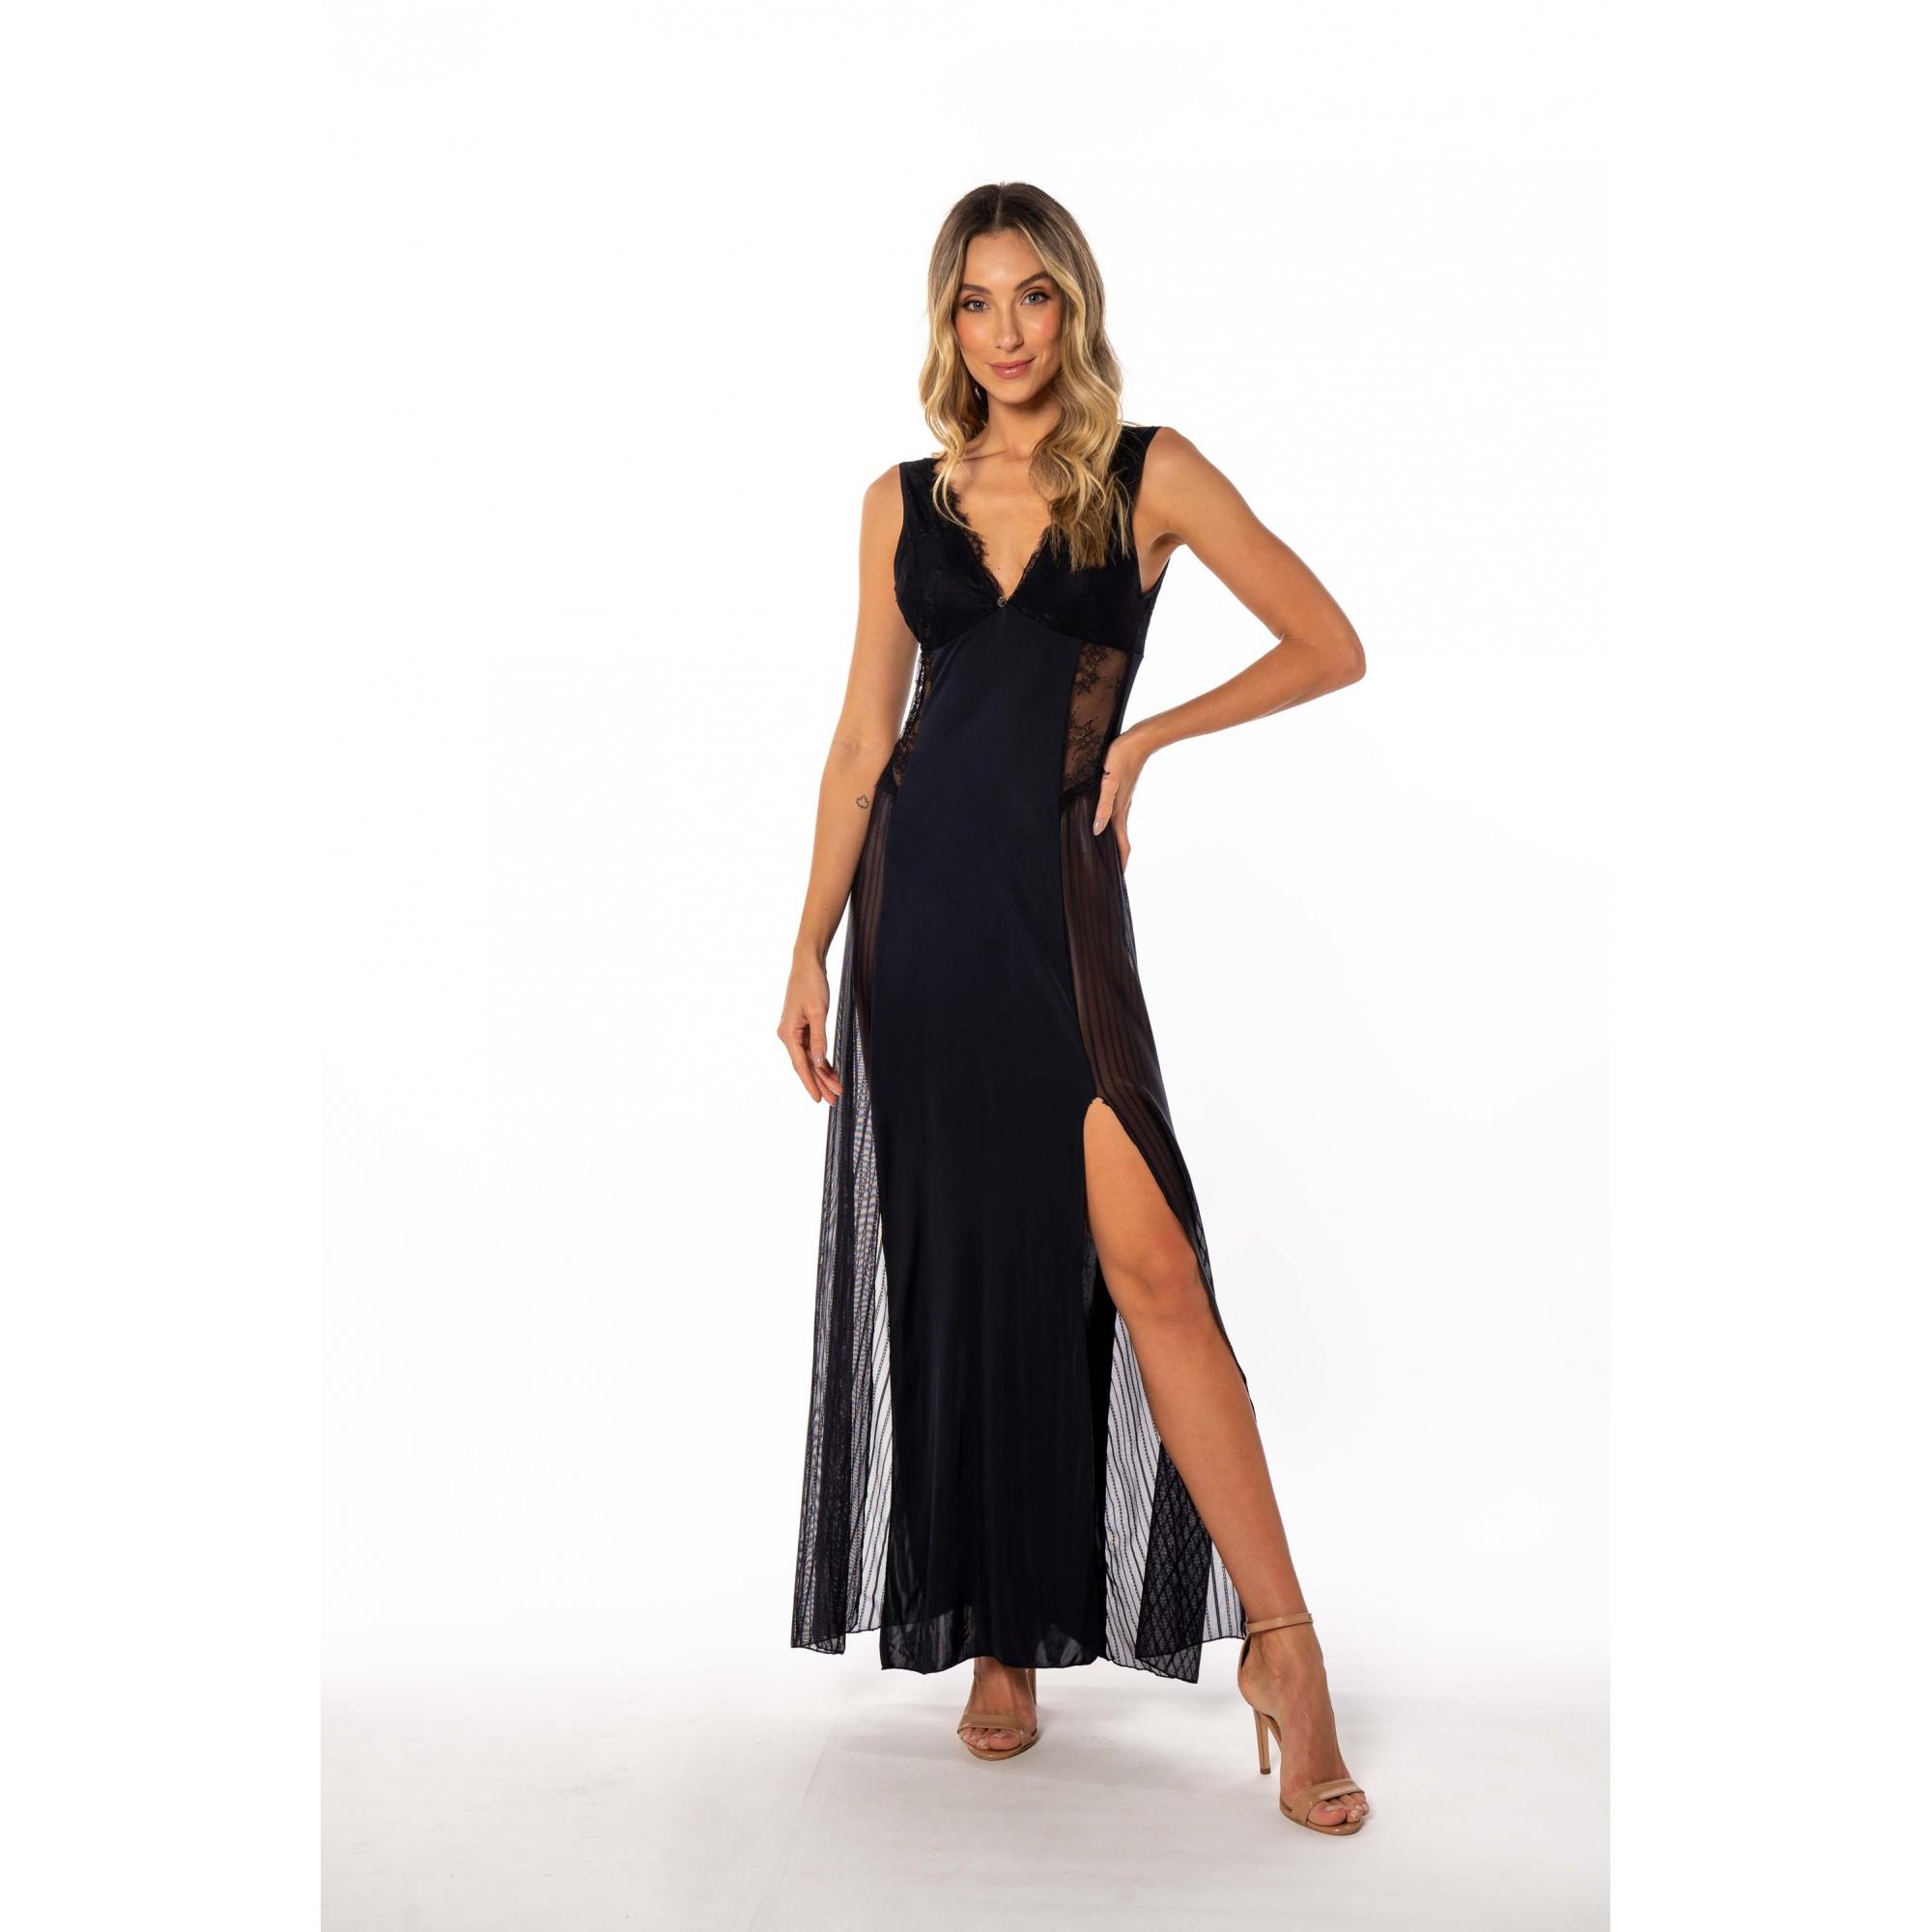 Camisola longa sensual em liganete e tule